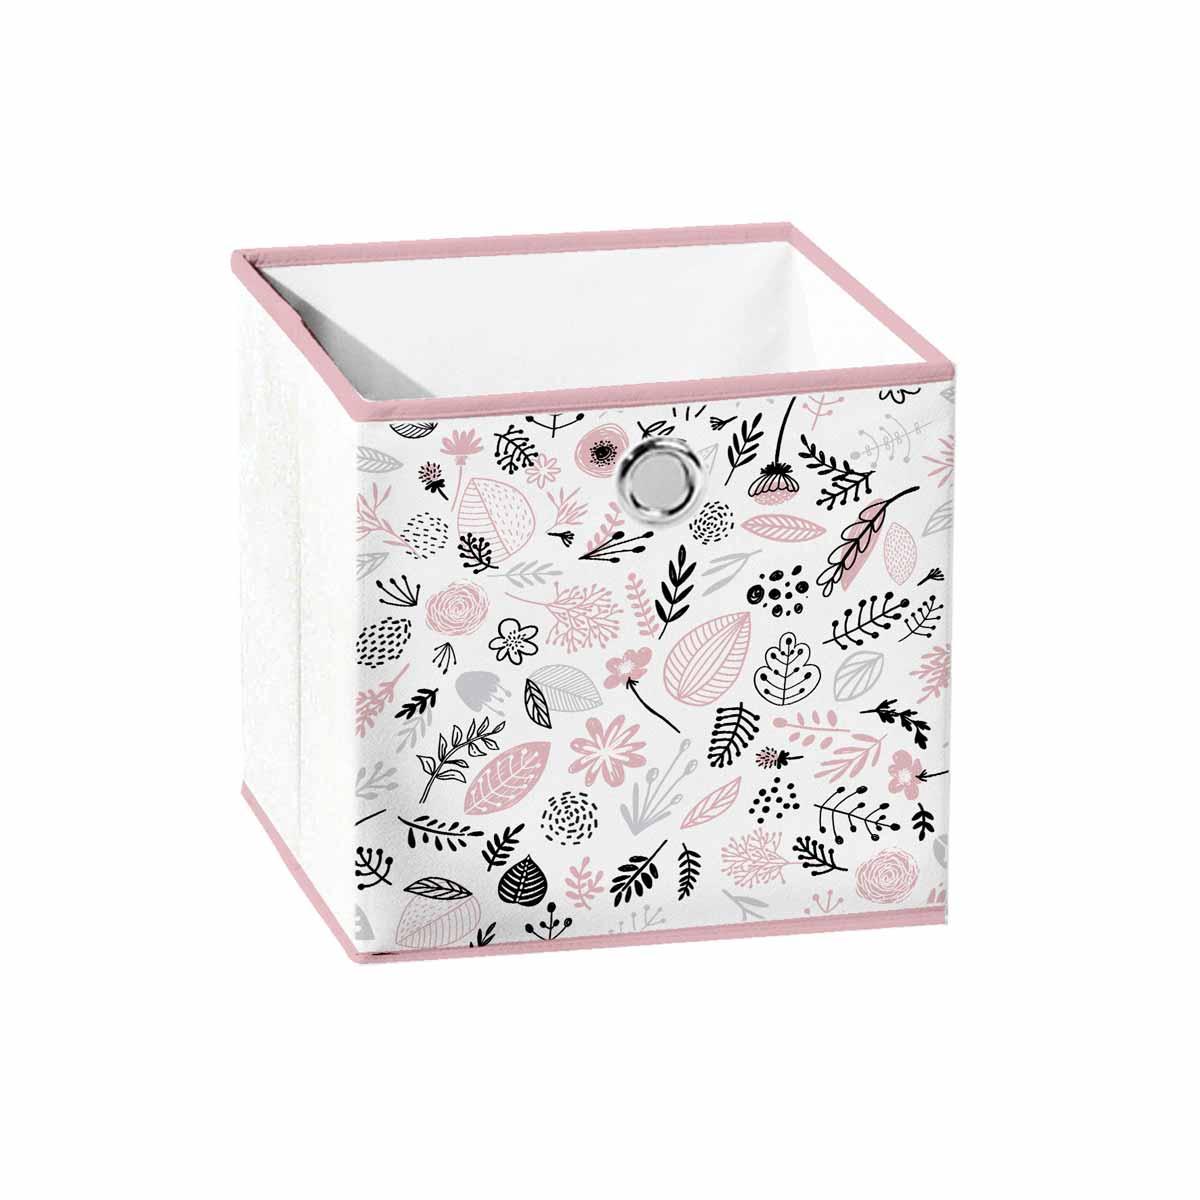 Κουτί Αποθήκευσης (31x29x31) L-C Botanica 6GMB577